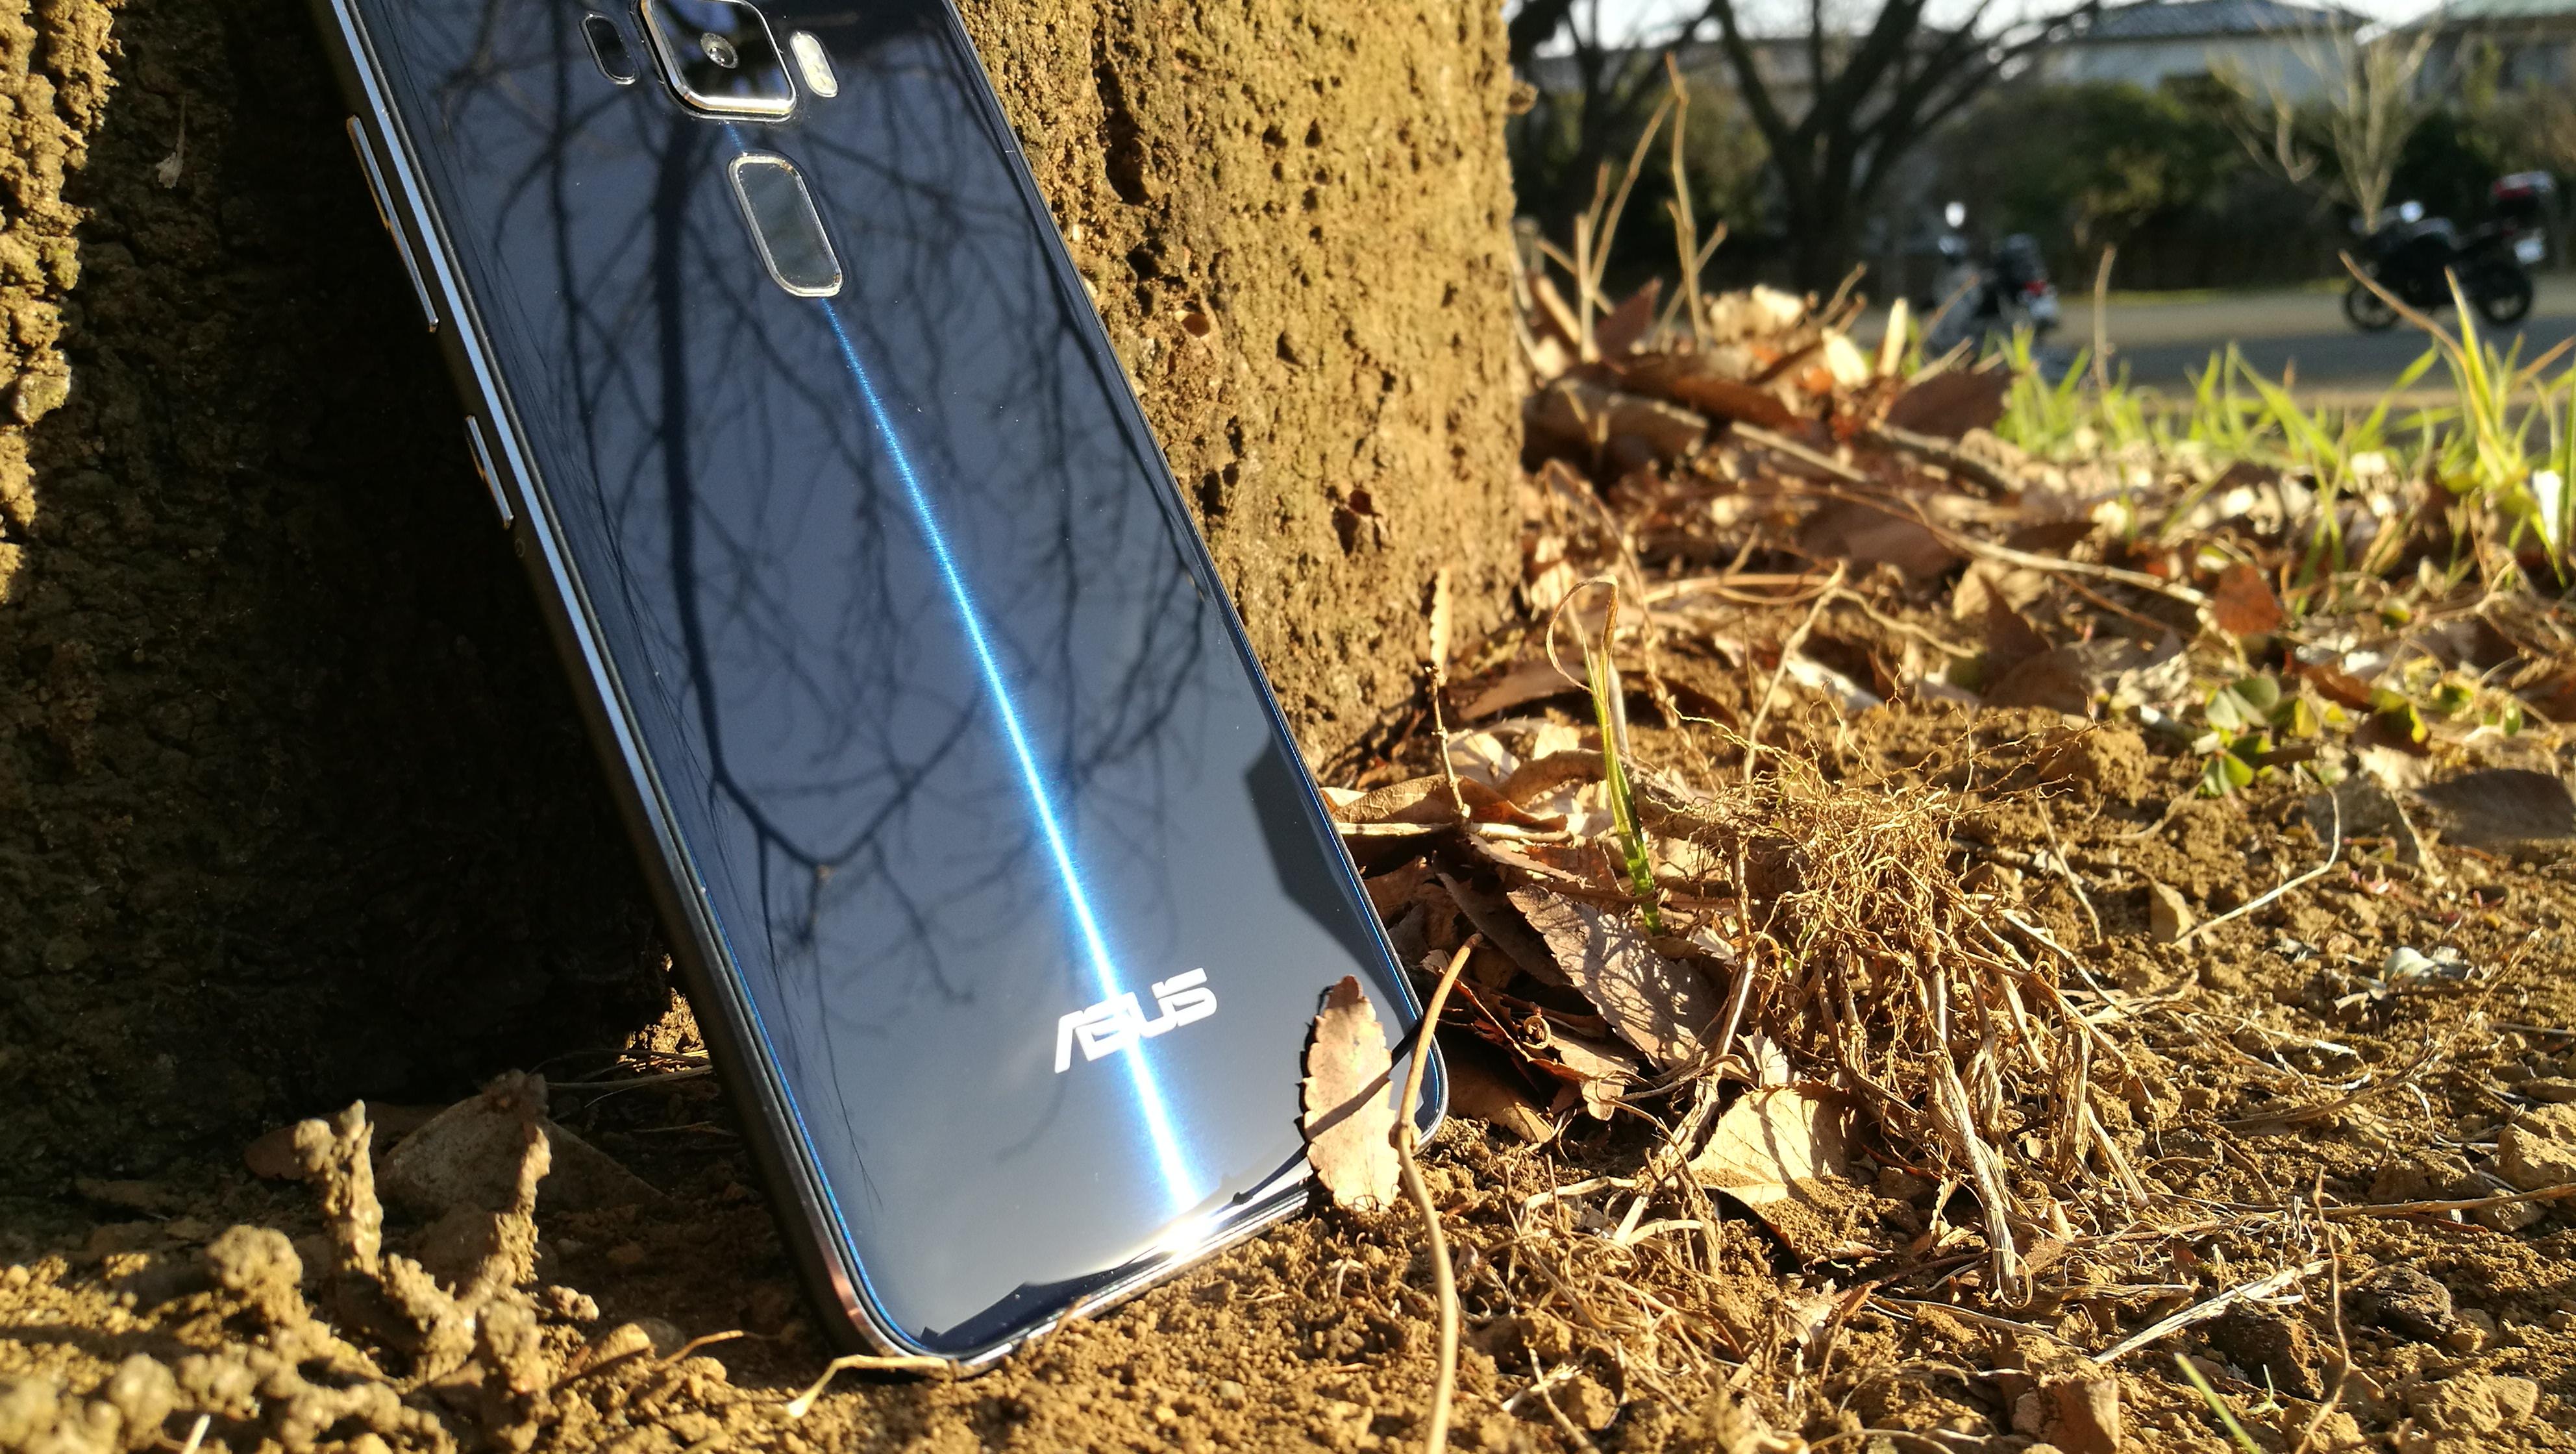 「ZenFone 3」と「ZenFone 3 Deluxe」の価格が値下げ改定へ